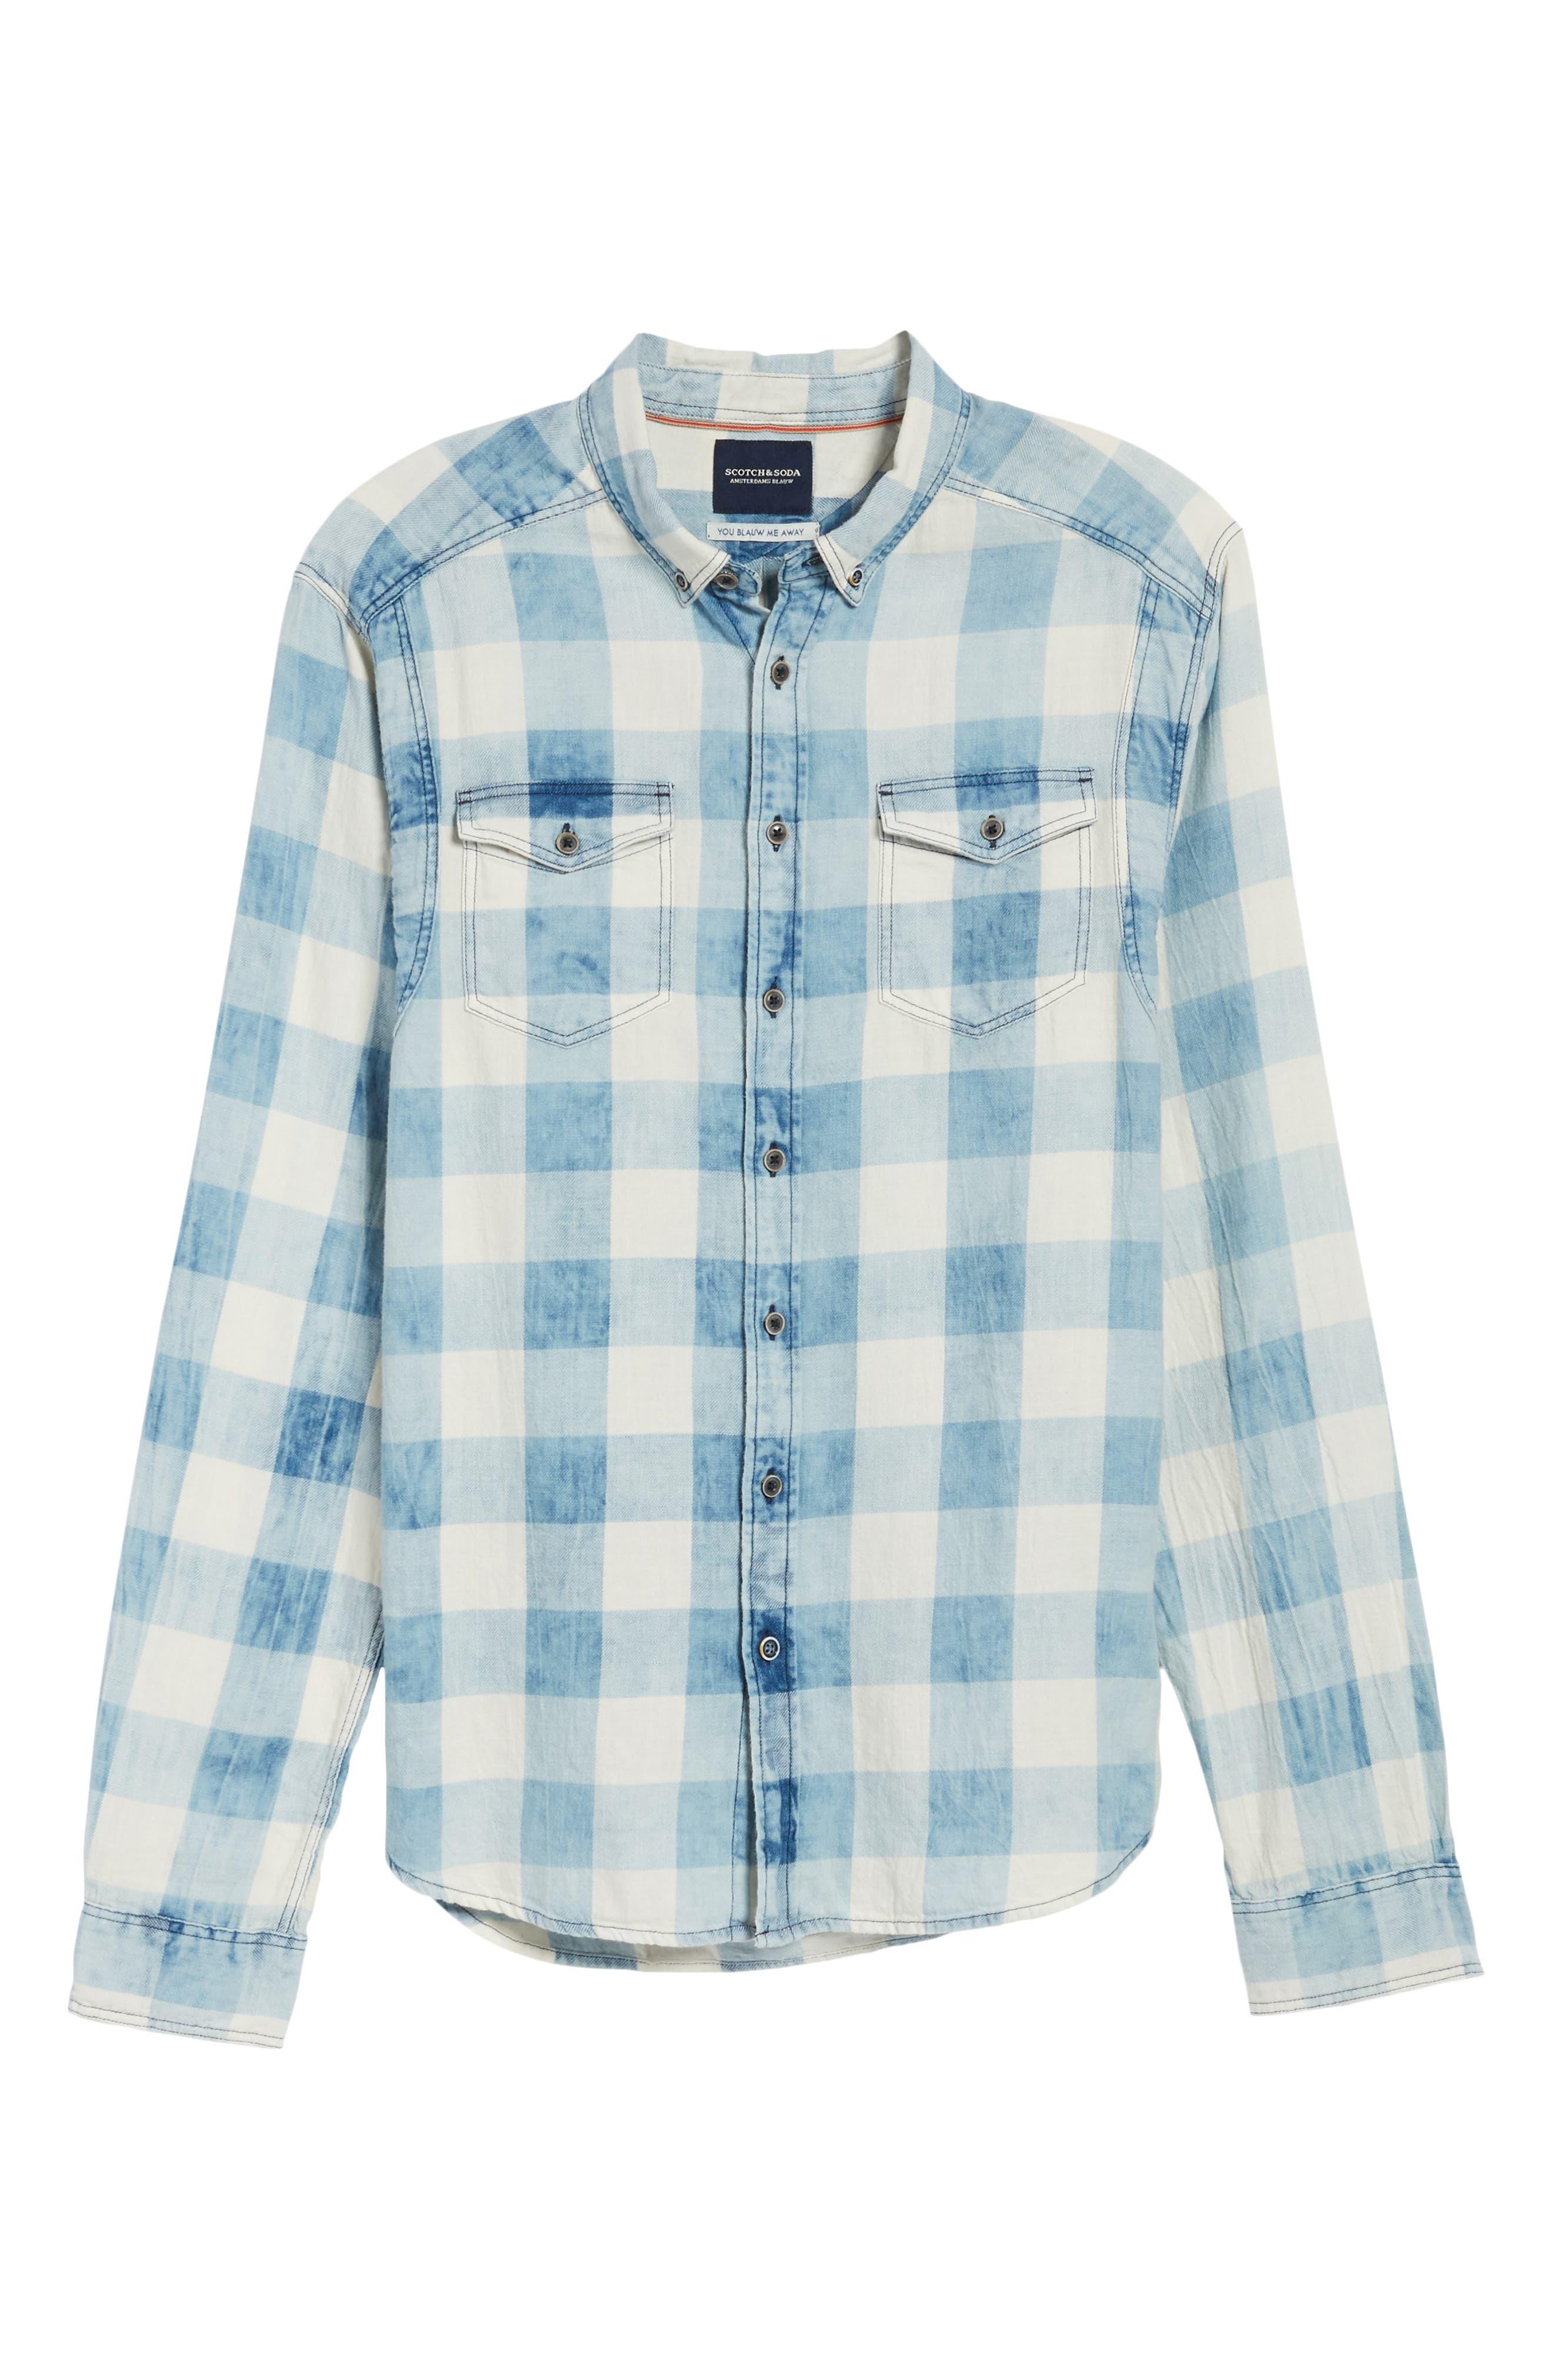 Amsterdams Blauw Check Shirt,                             Alternate thumbnail 6, color,                             Combo A